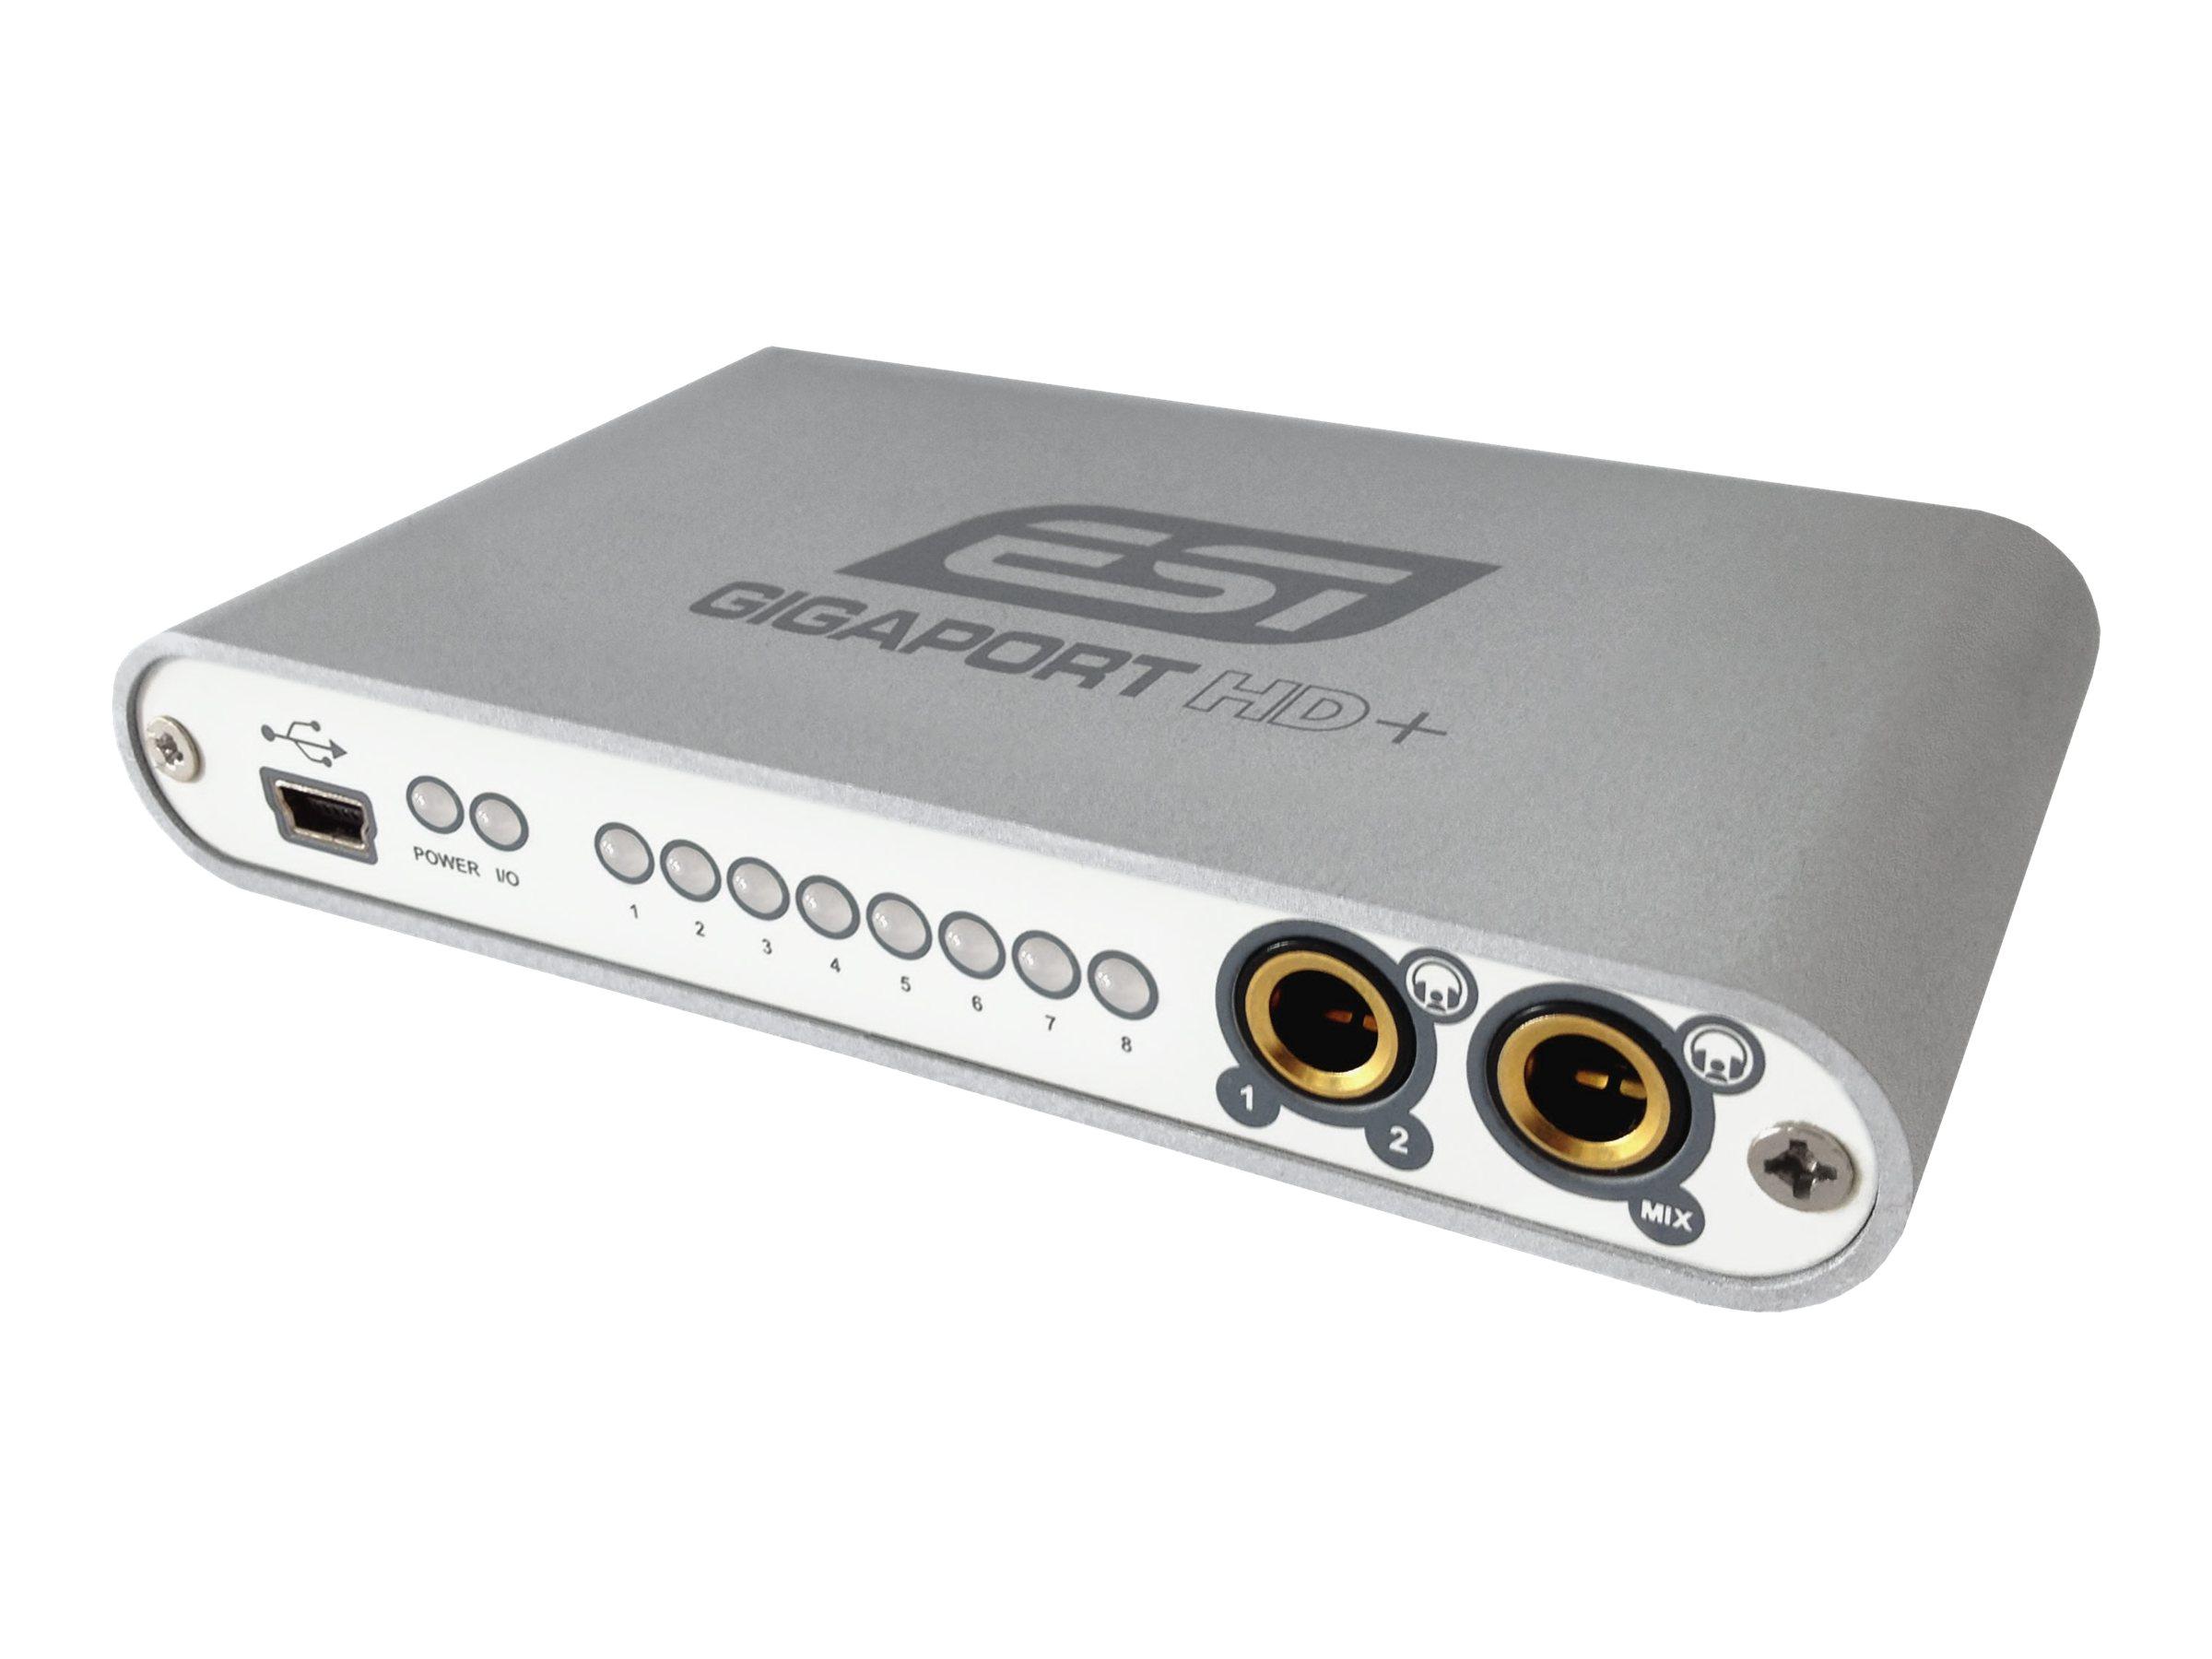 ESI GIGAPort HD - Audio-Schnittstelle - 24-Bit - 96 kHz - 110 dB S/N - 7.1